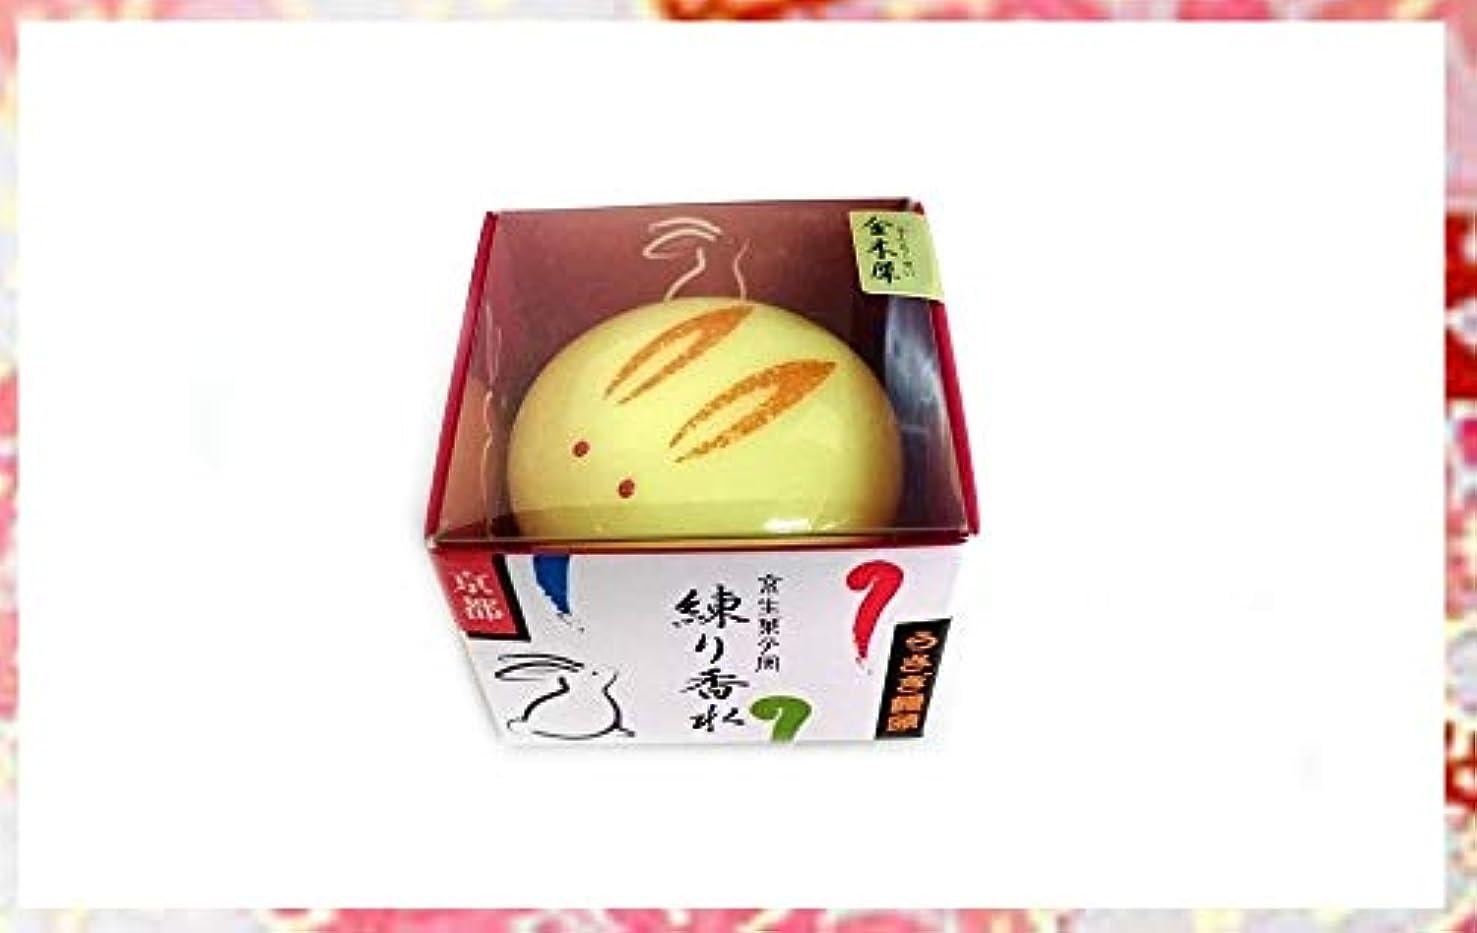 構成員試すアナウンサー舞妓さんの練り香水「うさぎ饅頭」 金木犀(きんもくせい) の香り (1個)